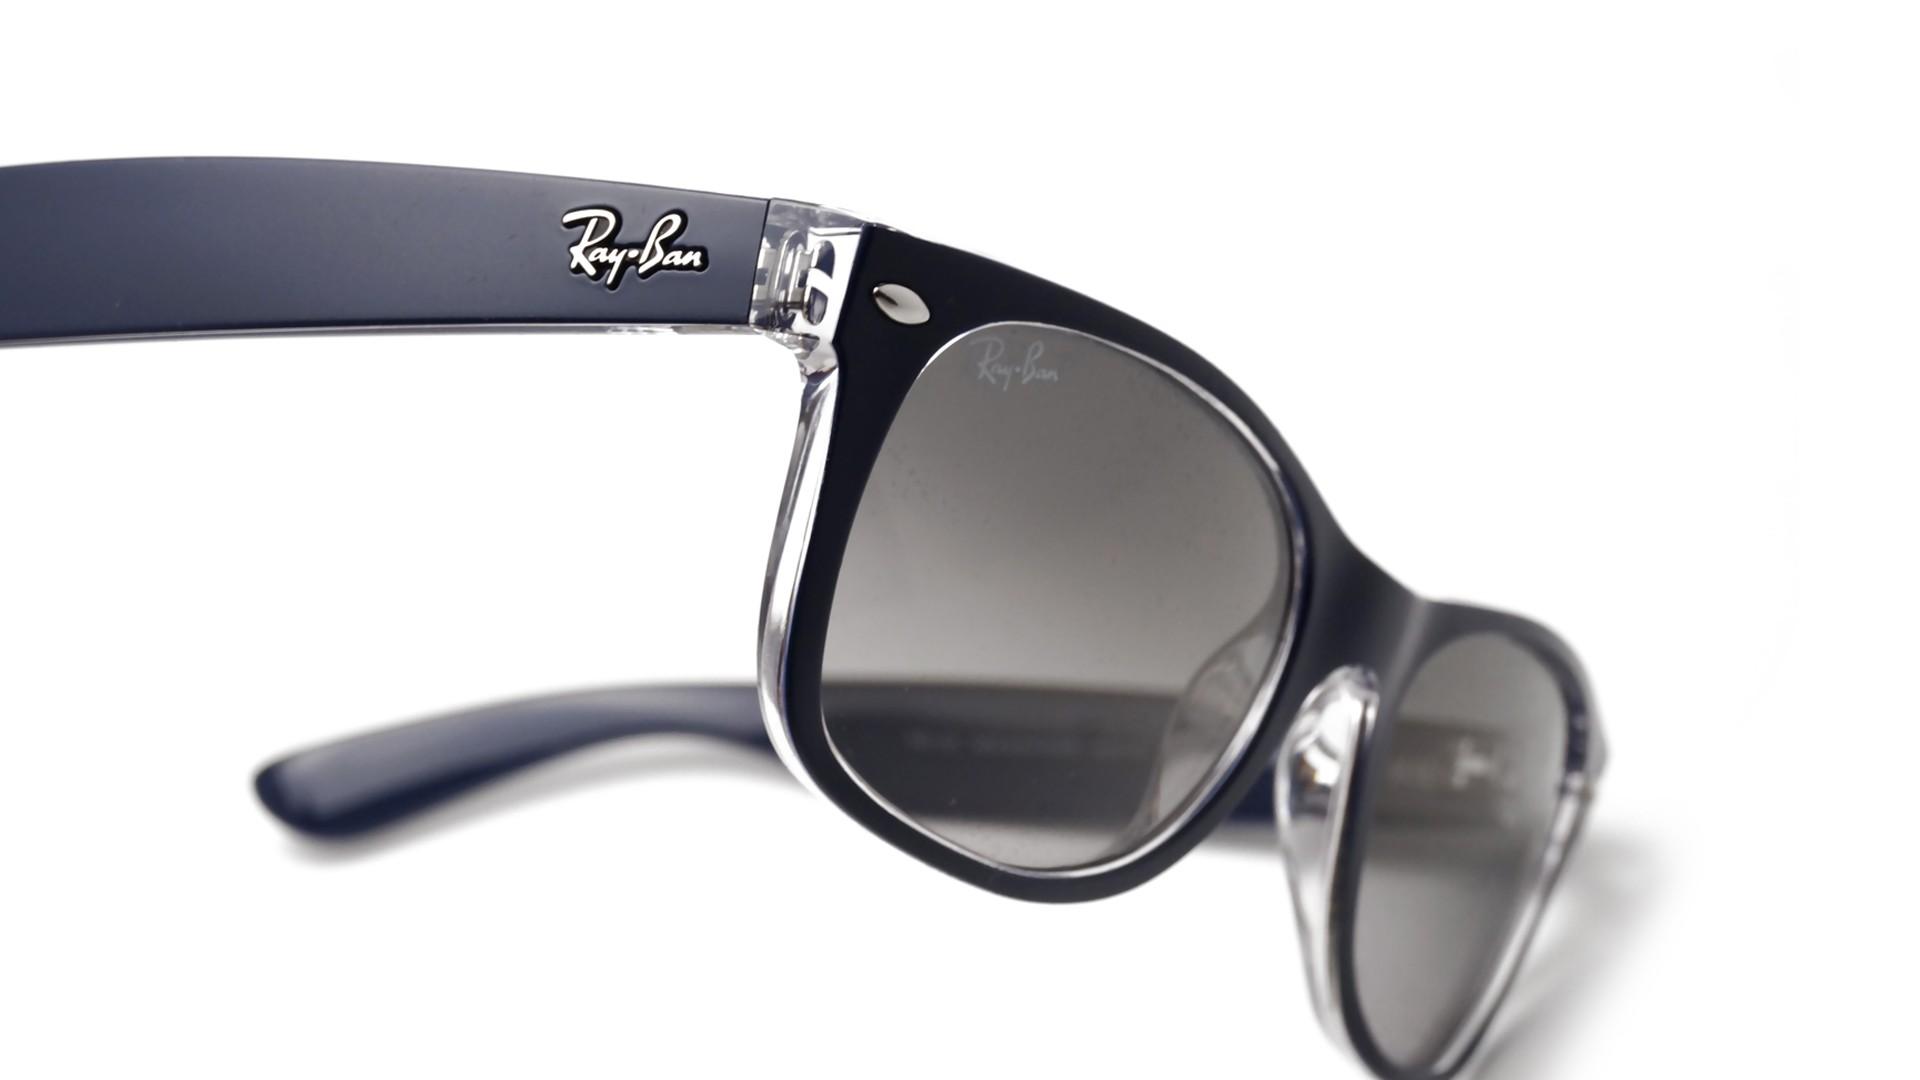 4cf943bb7a Ray-ban New Wayfarer Metal Effect Sunglasses - Gunmetal